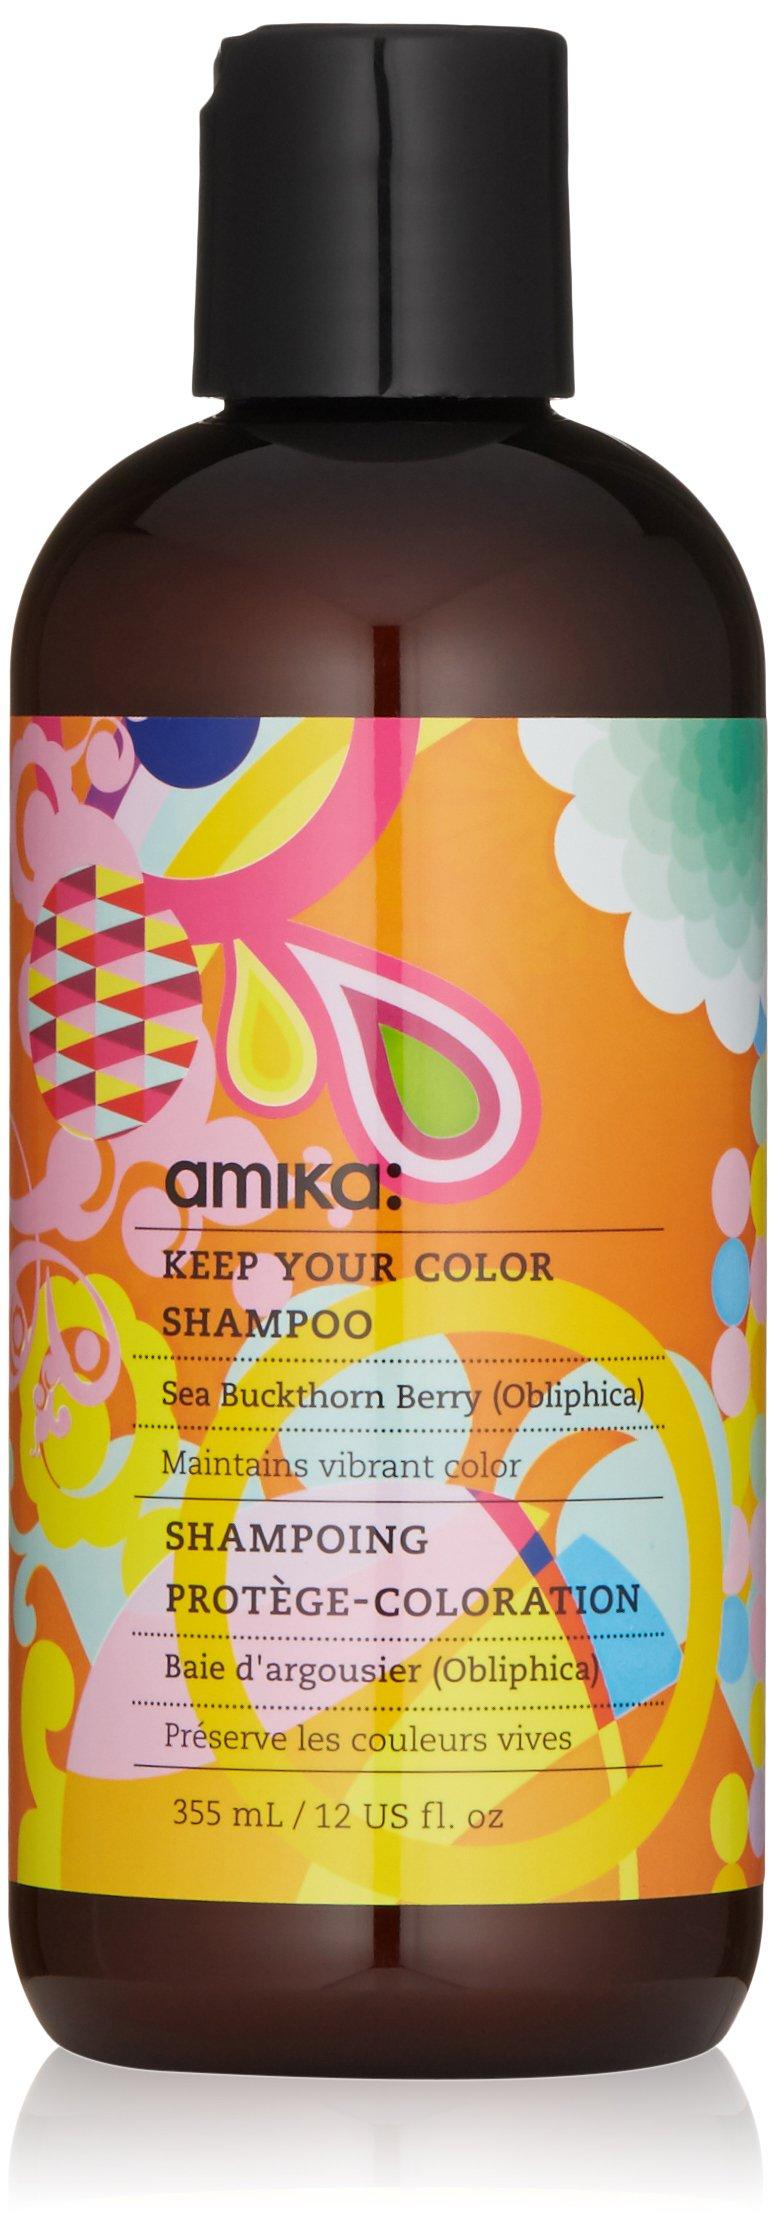 amika Keep Your Color Shampoo